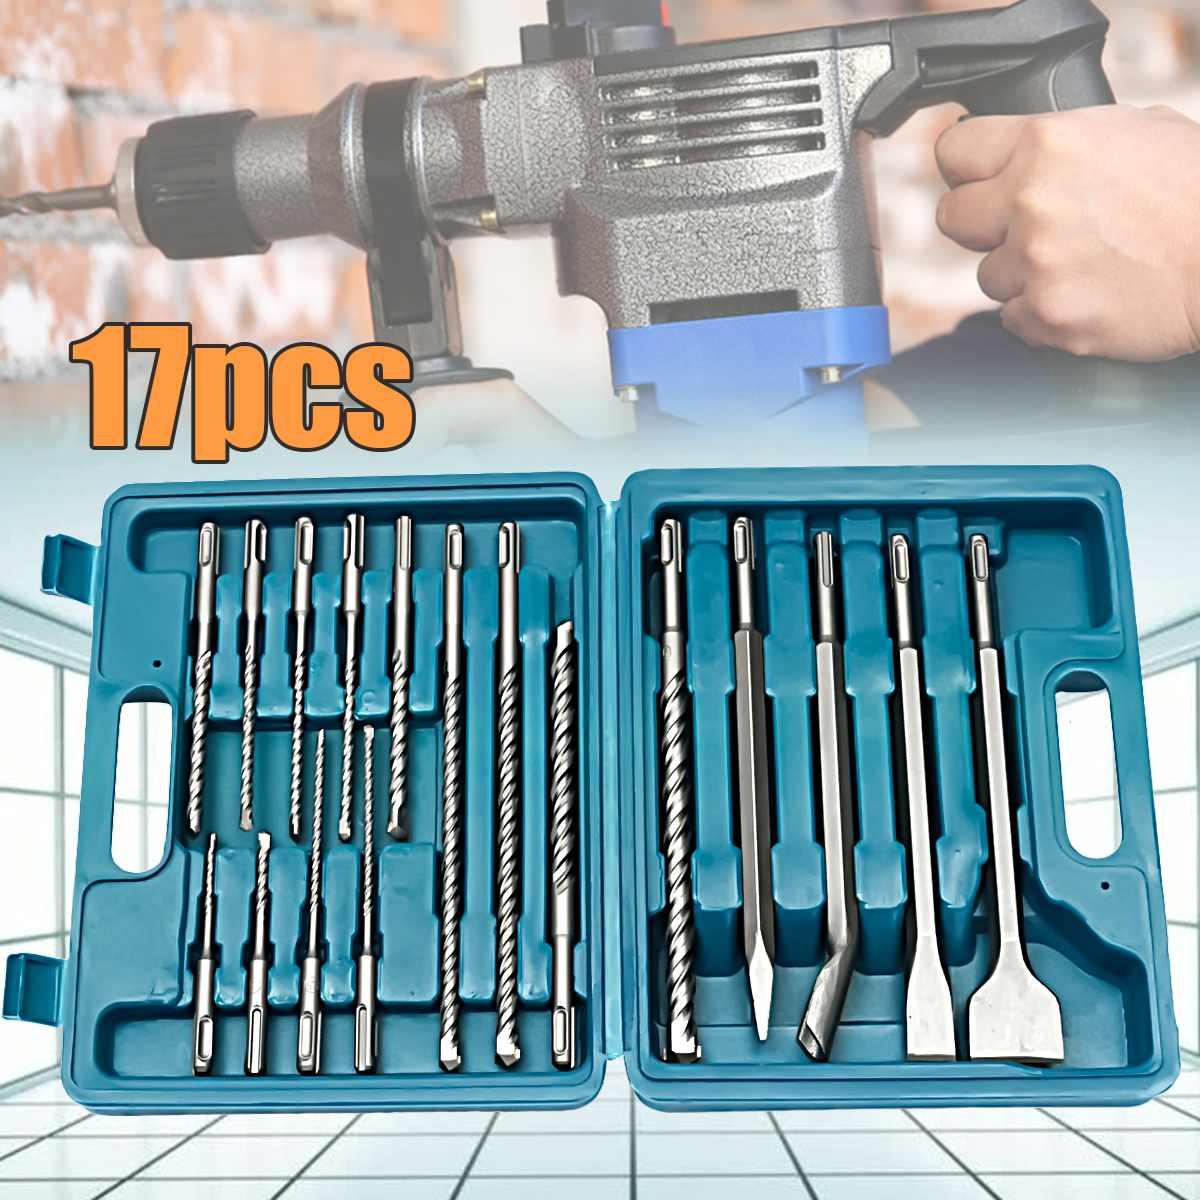 17 pcs/ensemble mèches Ciseau SDS Plus marteau rotatif Bits Set Fit B osch HILTI Hydroélectrique Installation Outils avec boîte de rangement